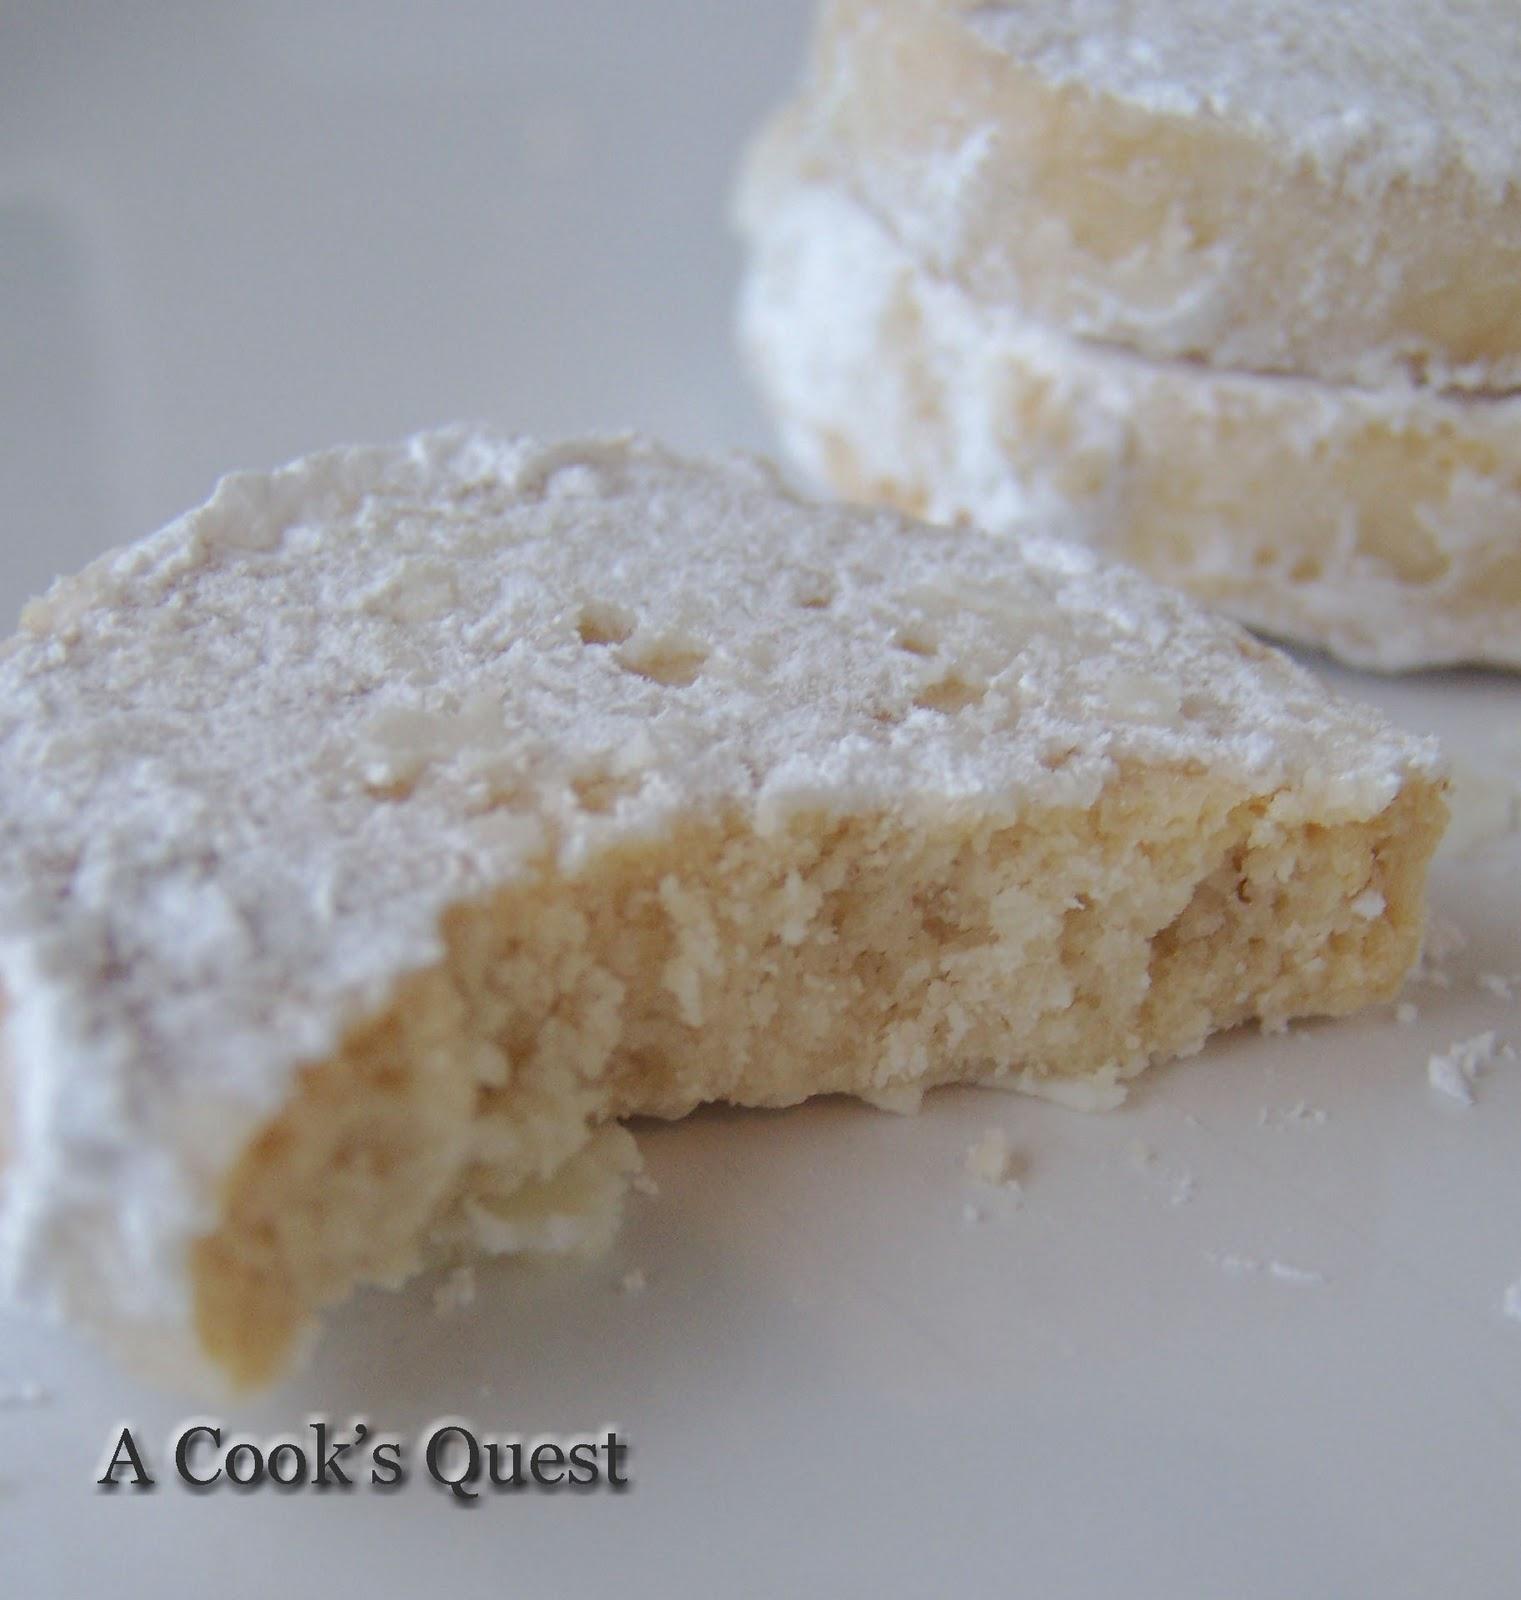 A Cook's Quest: Lemon Meltaways